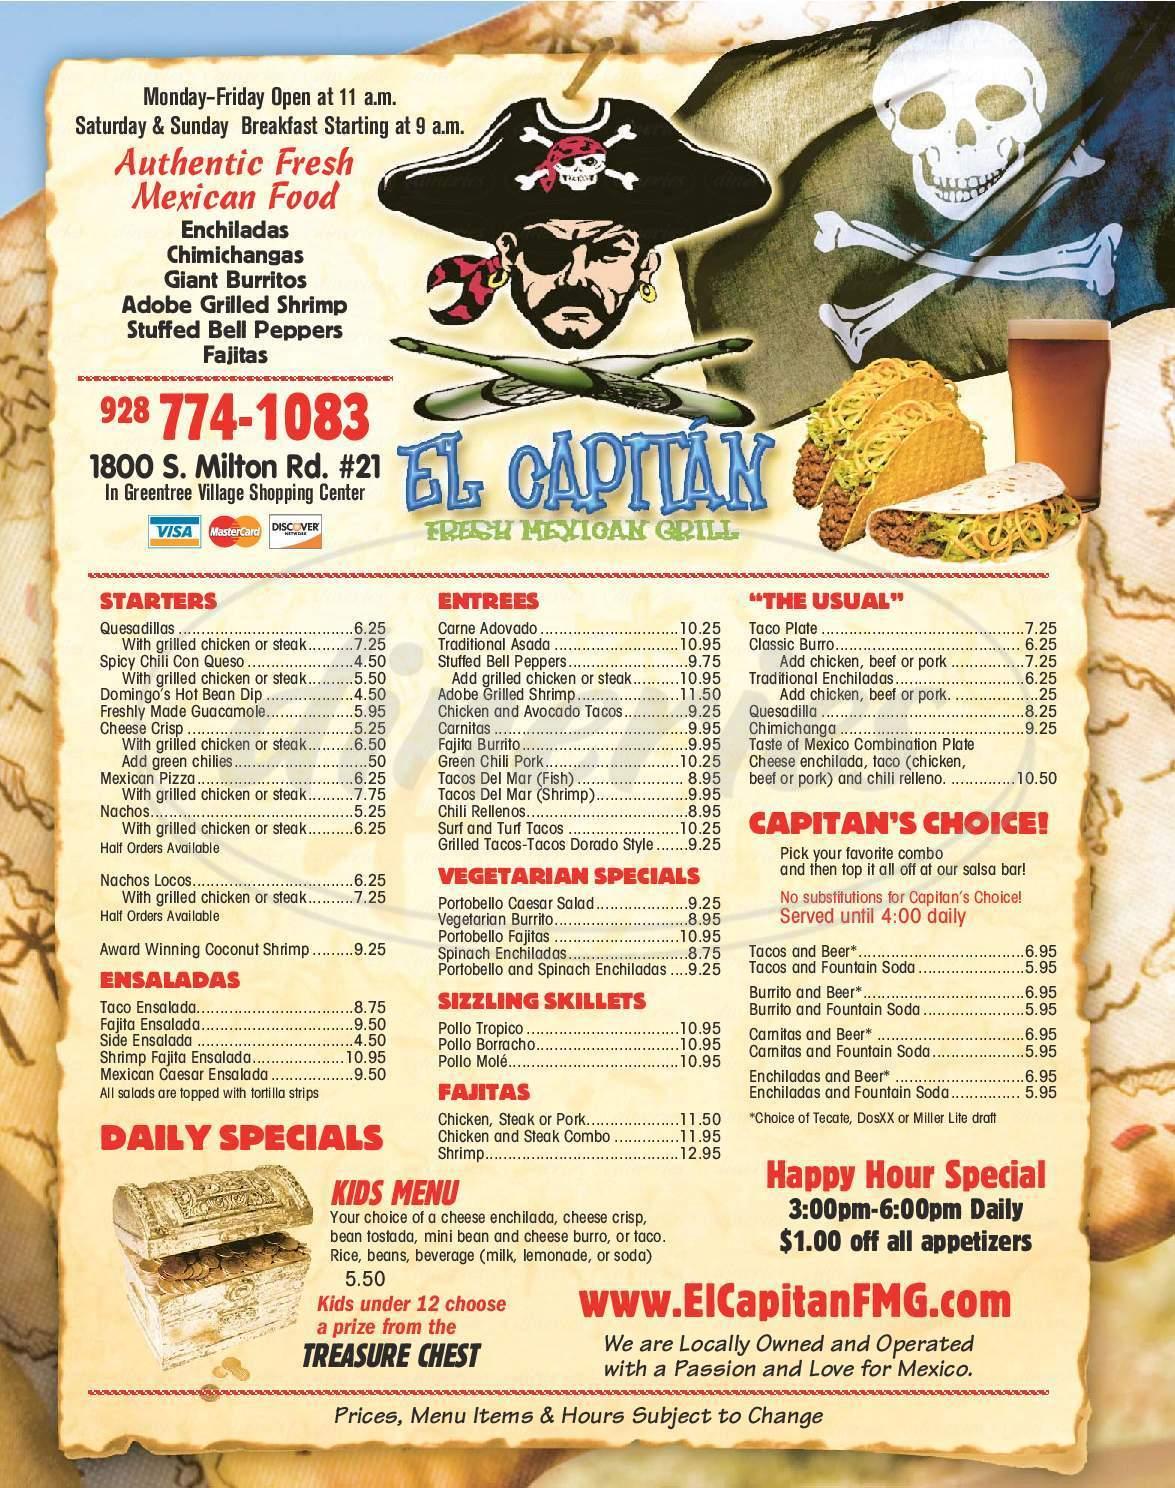 menu for El Capitan Fresh Mexican Grill